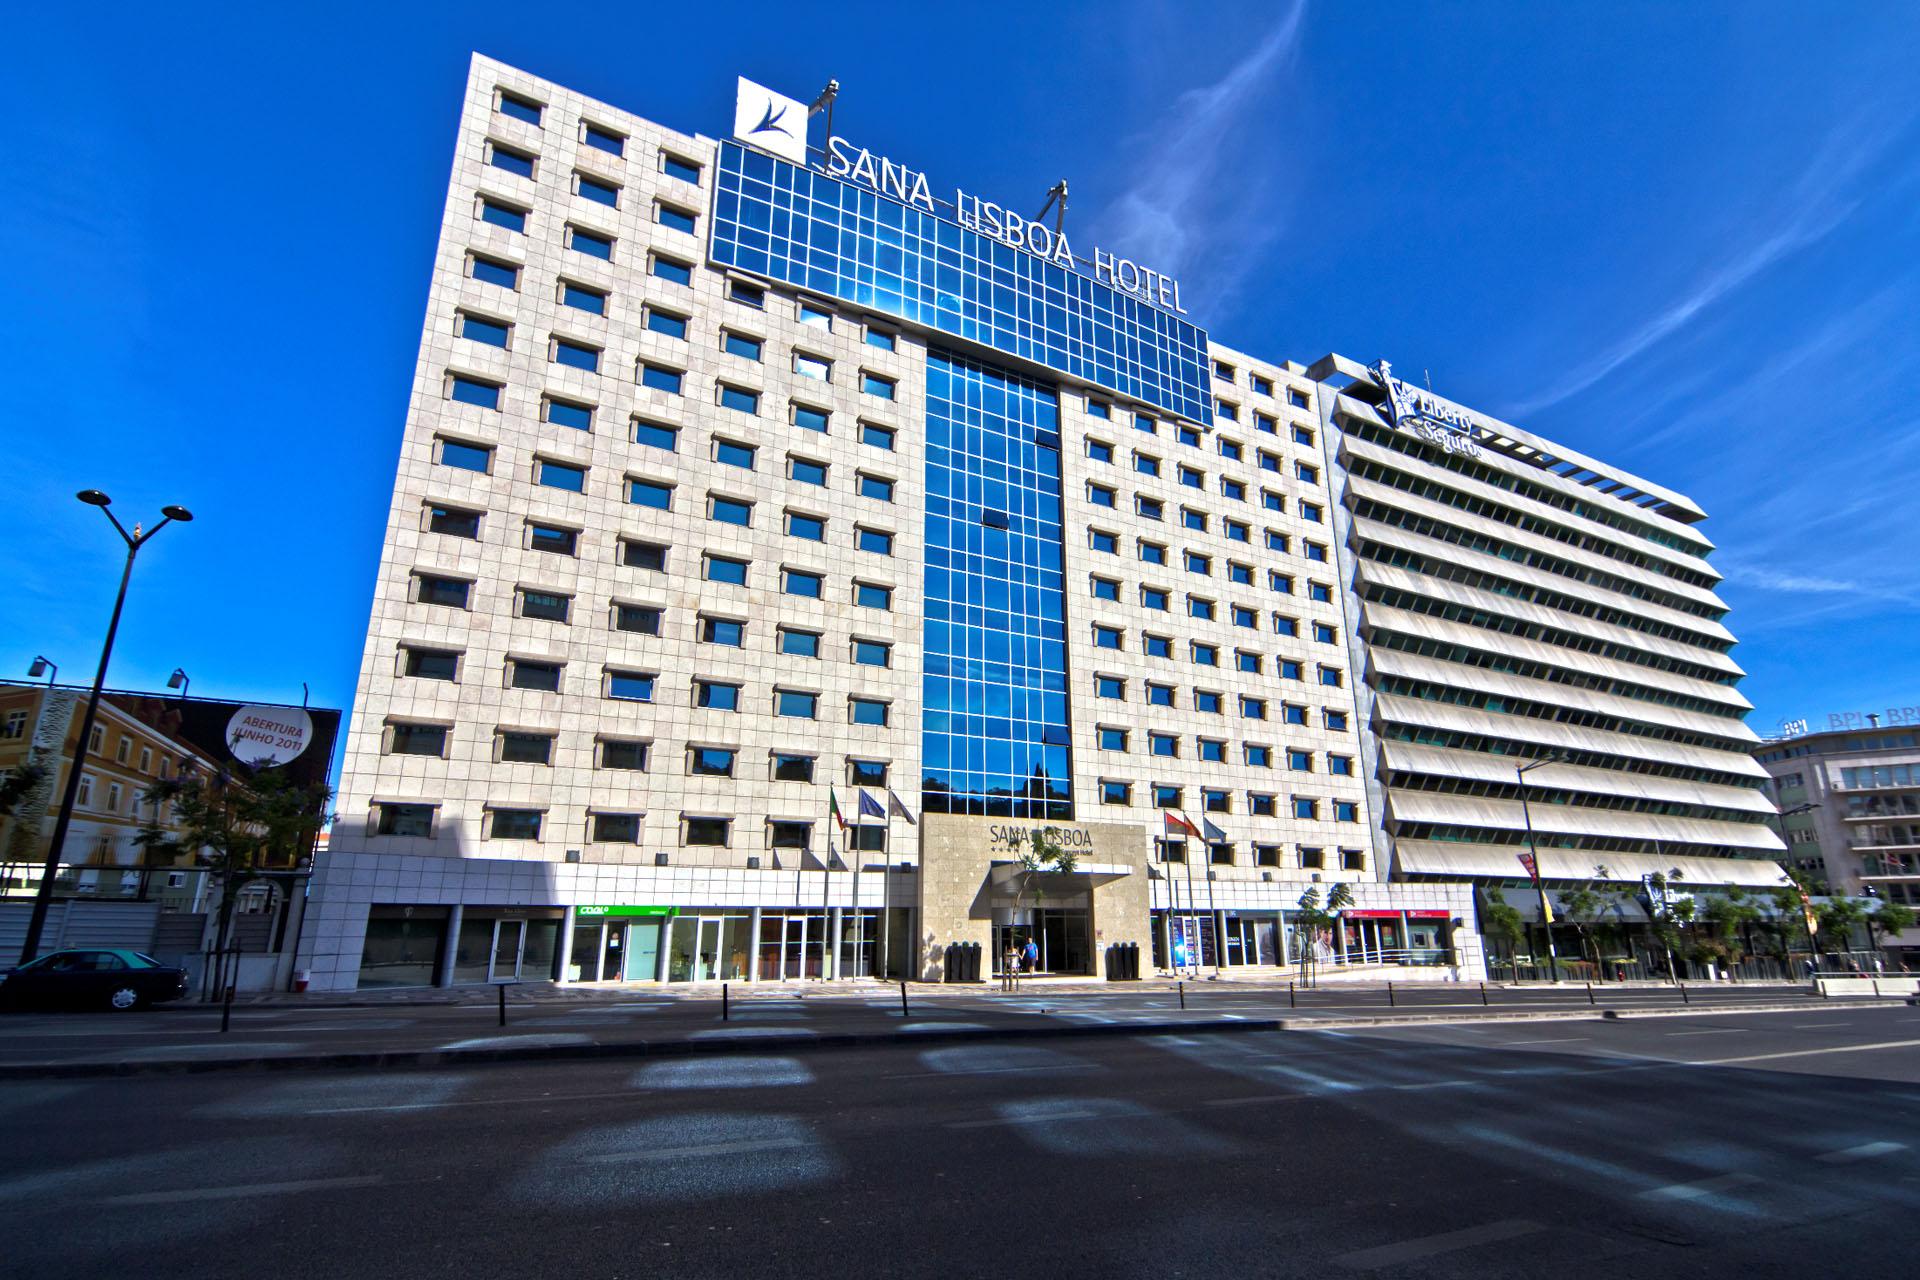 Sana Hotels